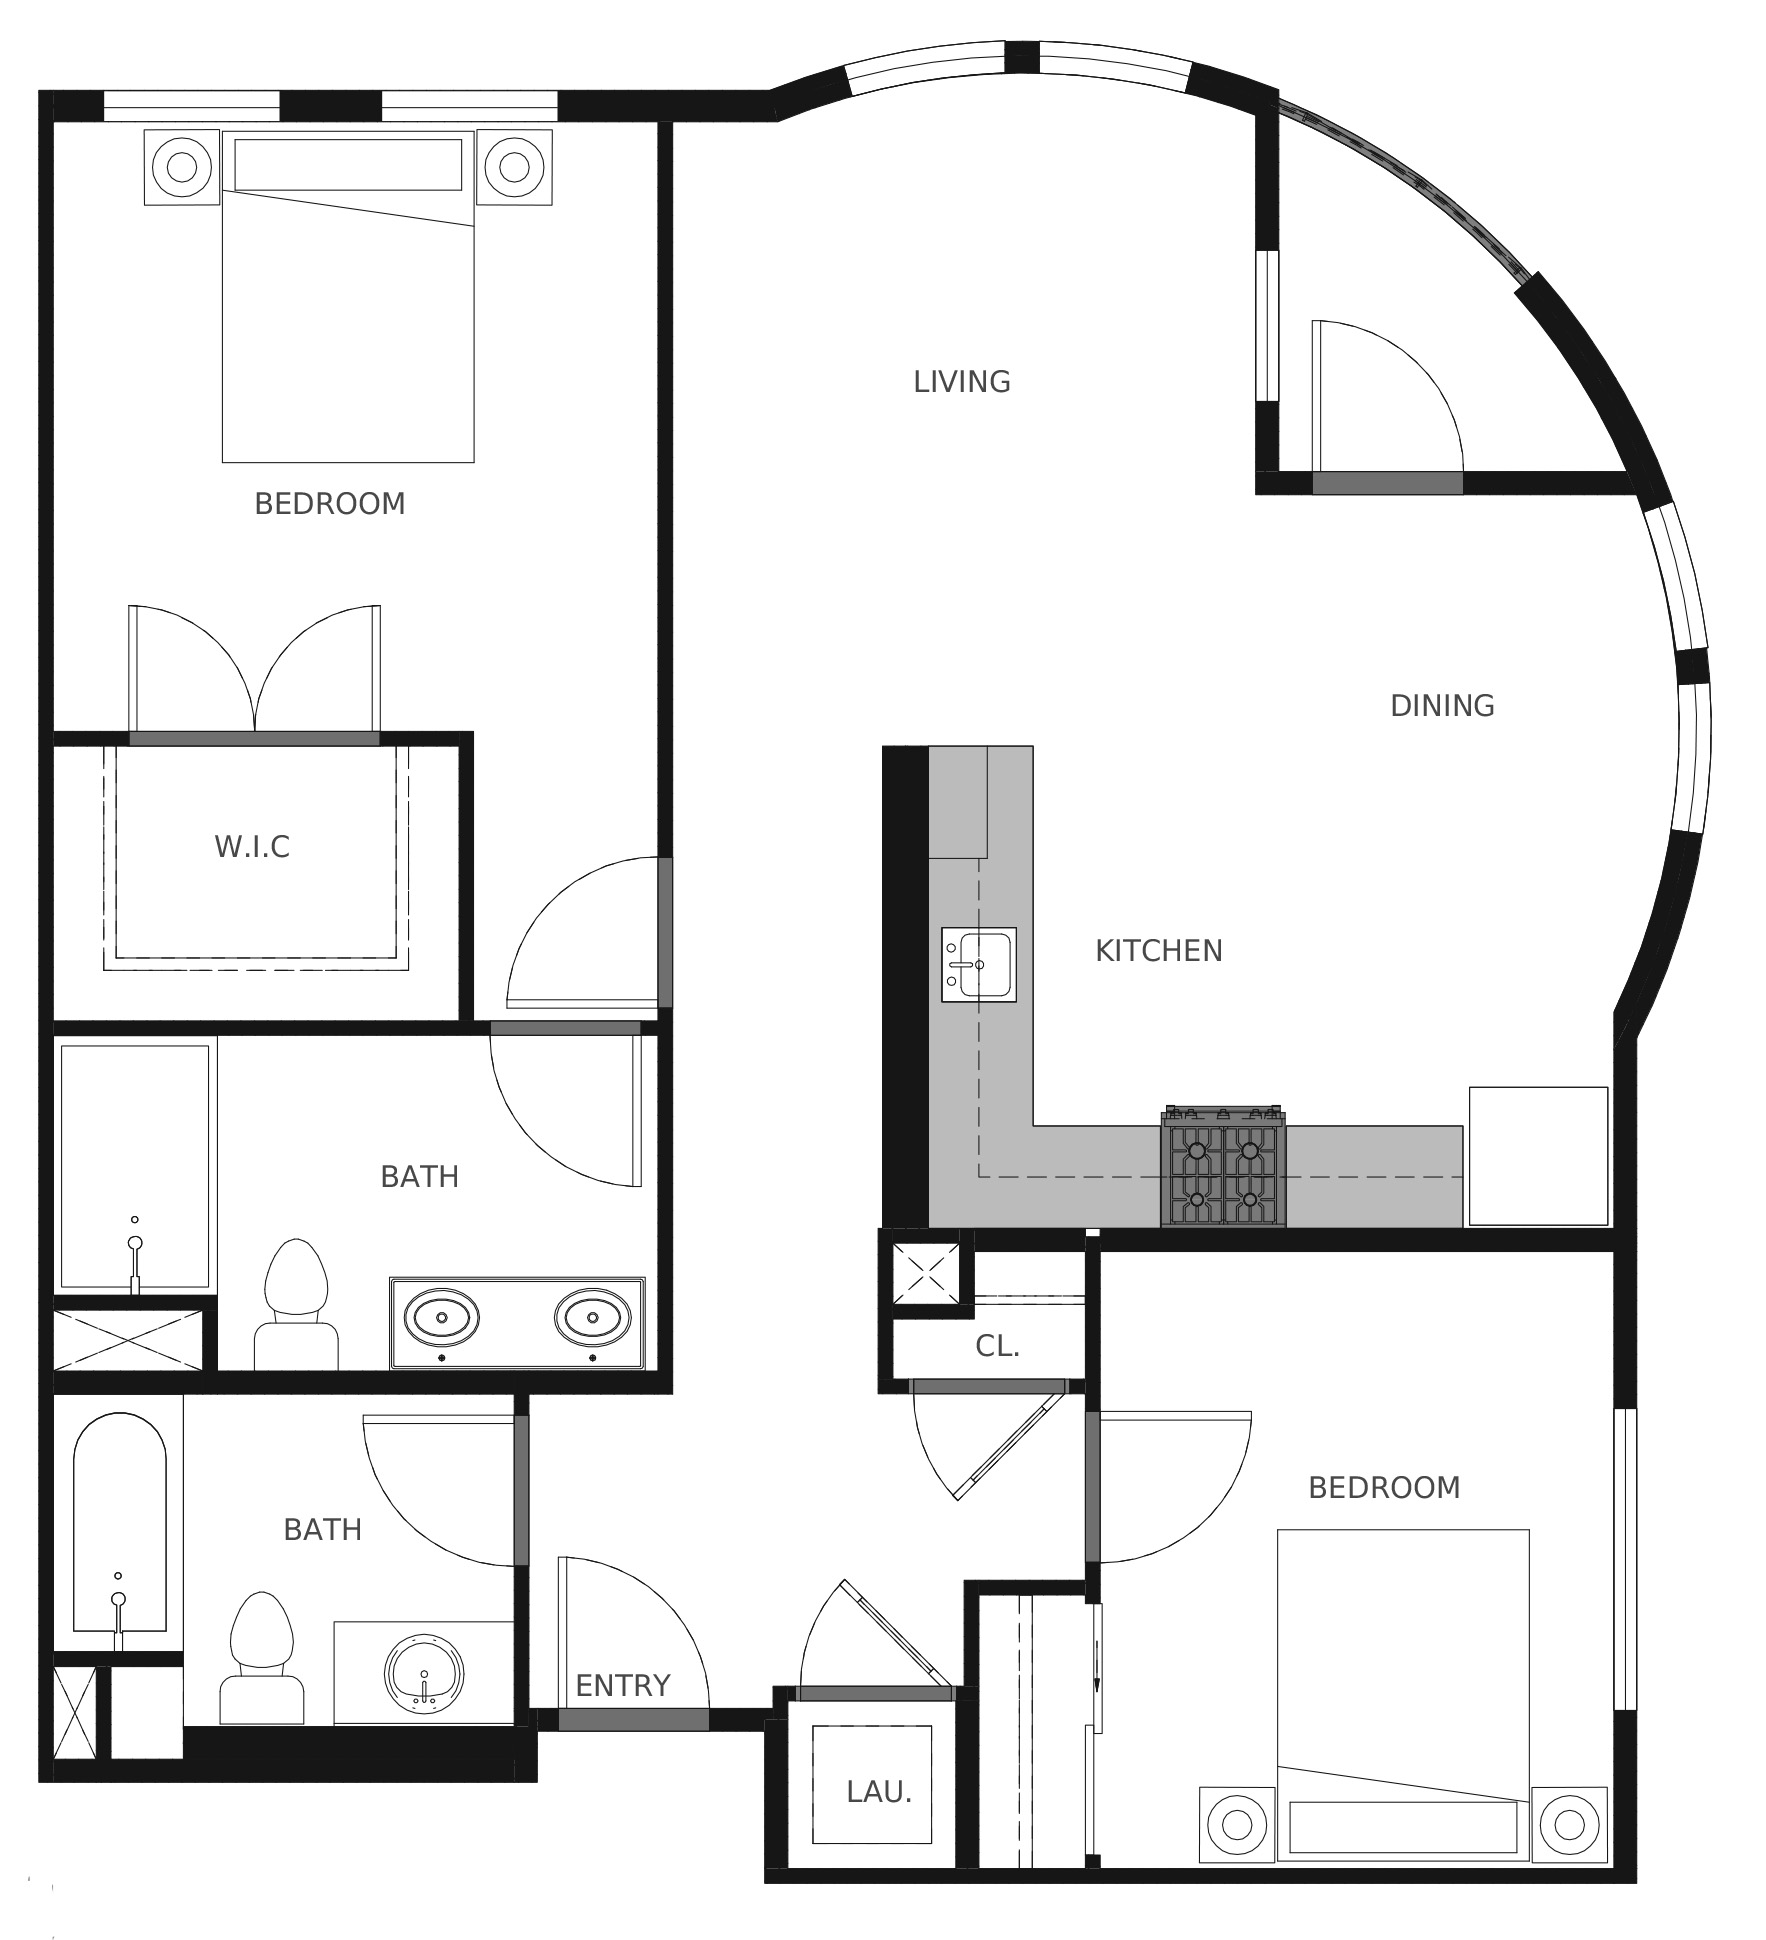 Plan B8 and Plan B8a - 987 sq. ft.